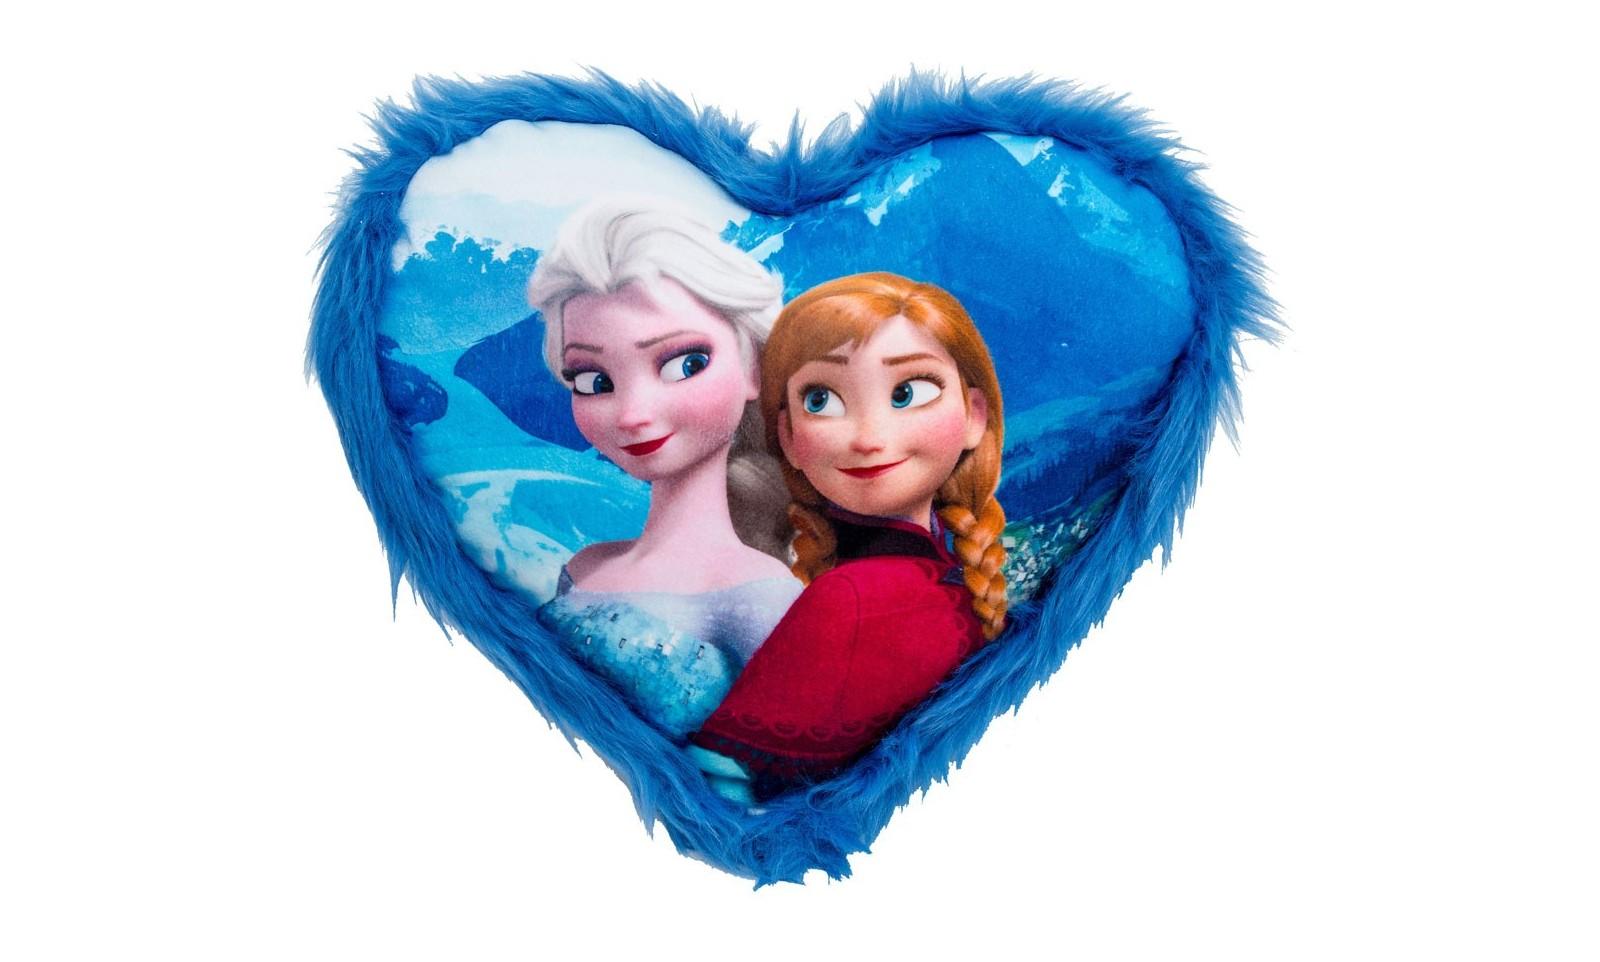 La reine des neiges coussin peluche coeur avec anna et elsa 33 x 33 cm d co film cin ma - Anna elsa reine des neiges ...